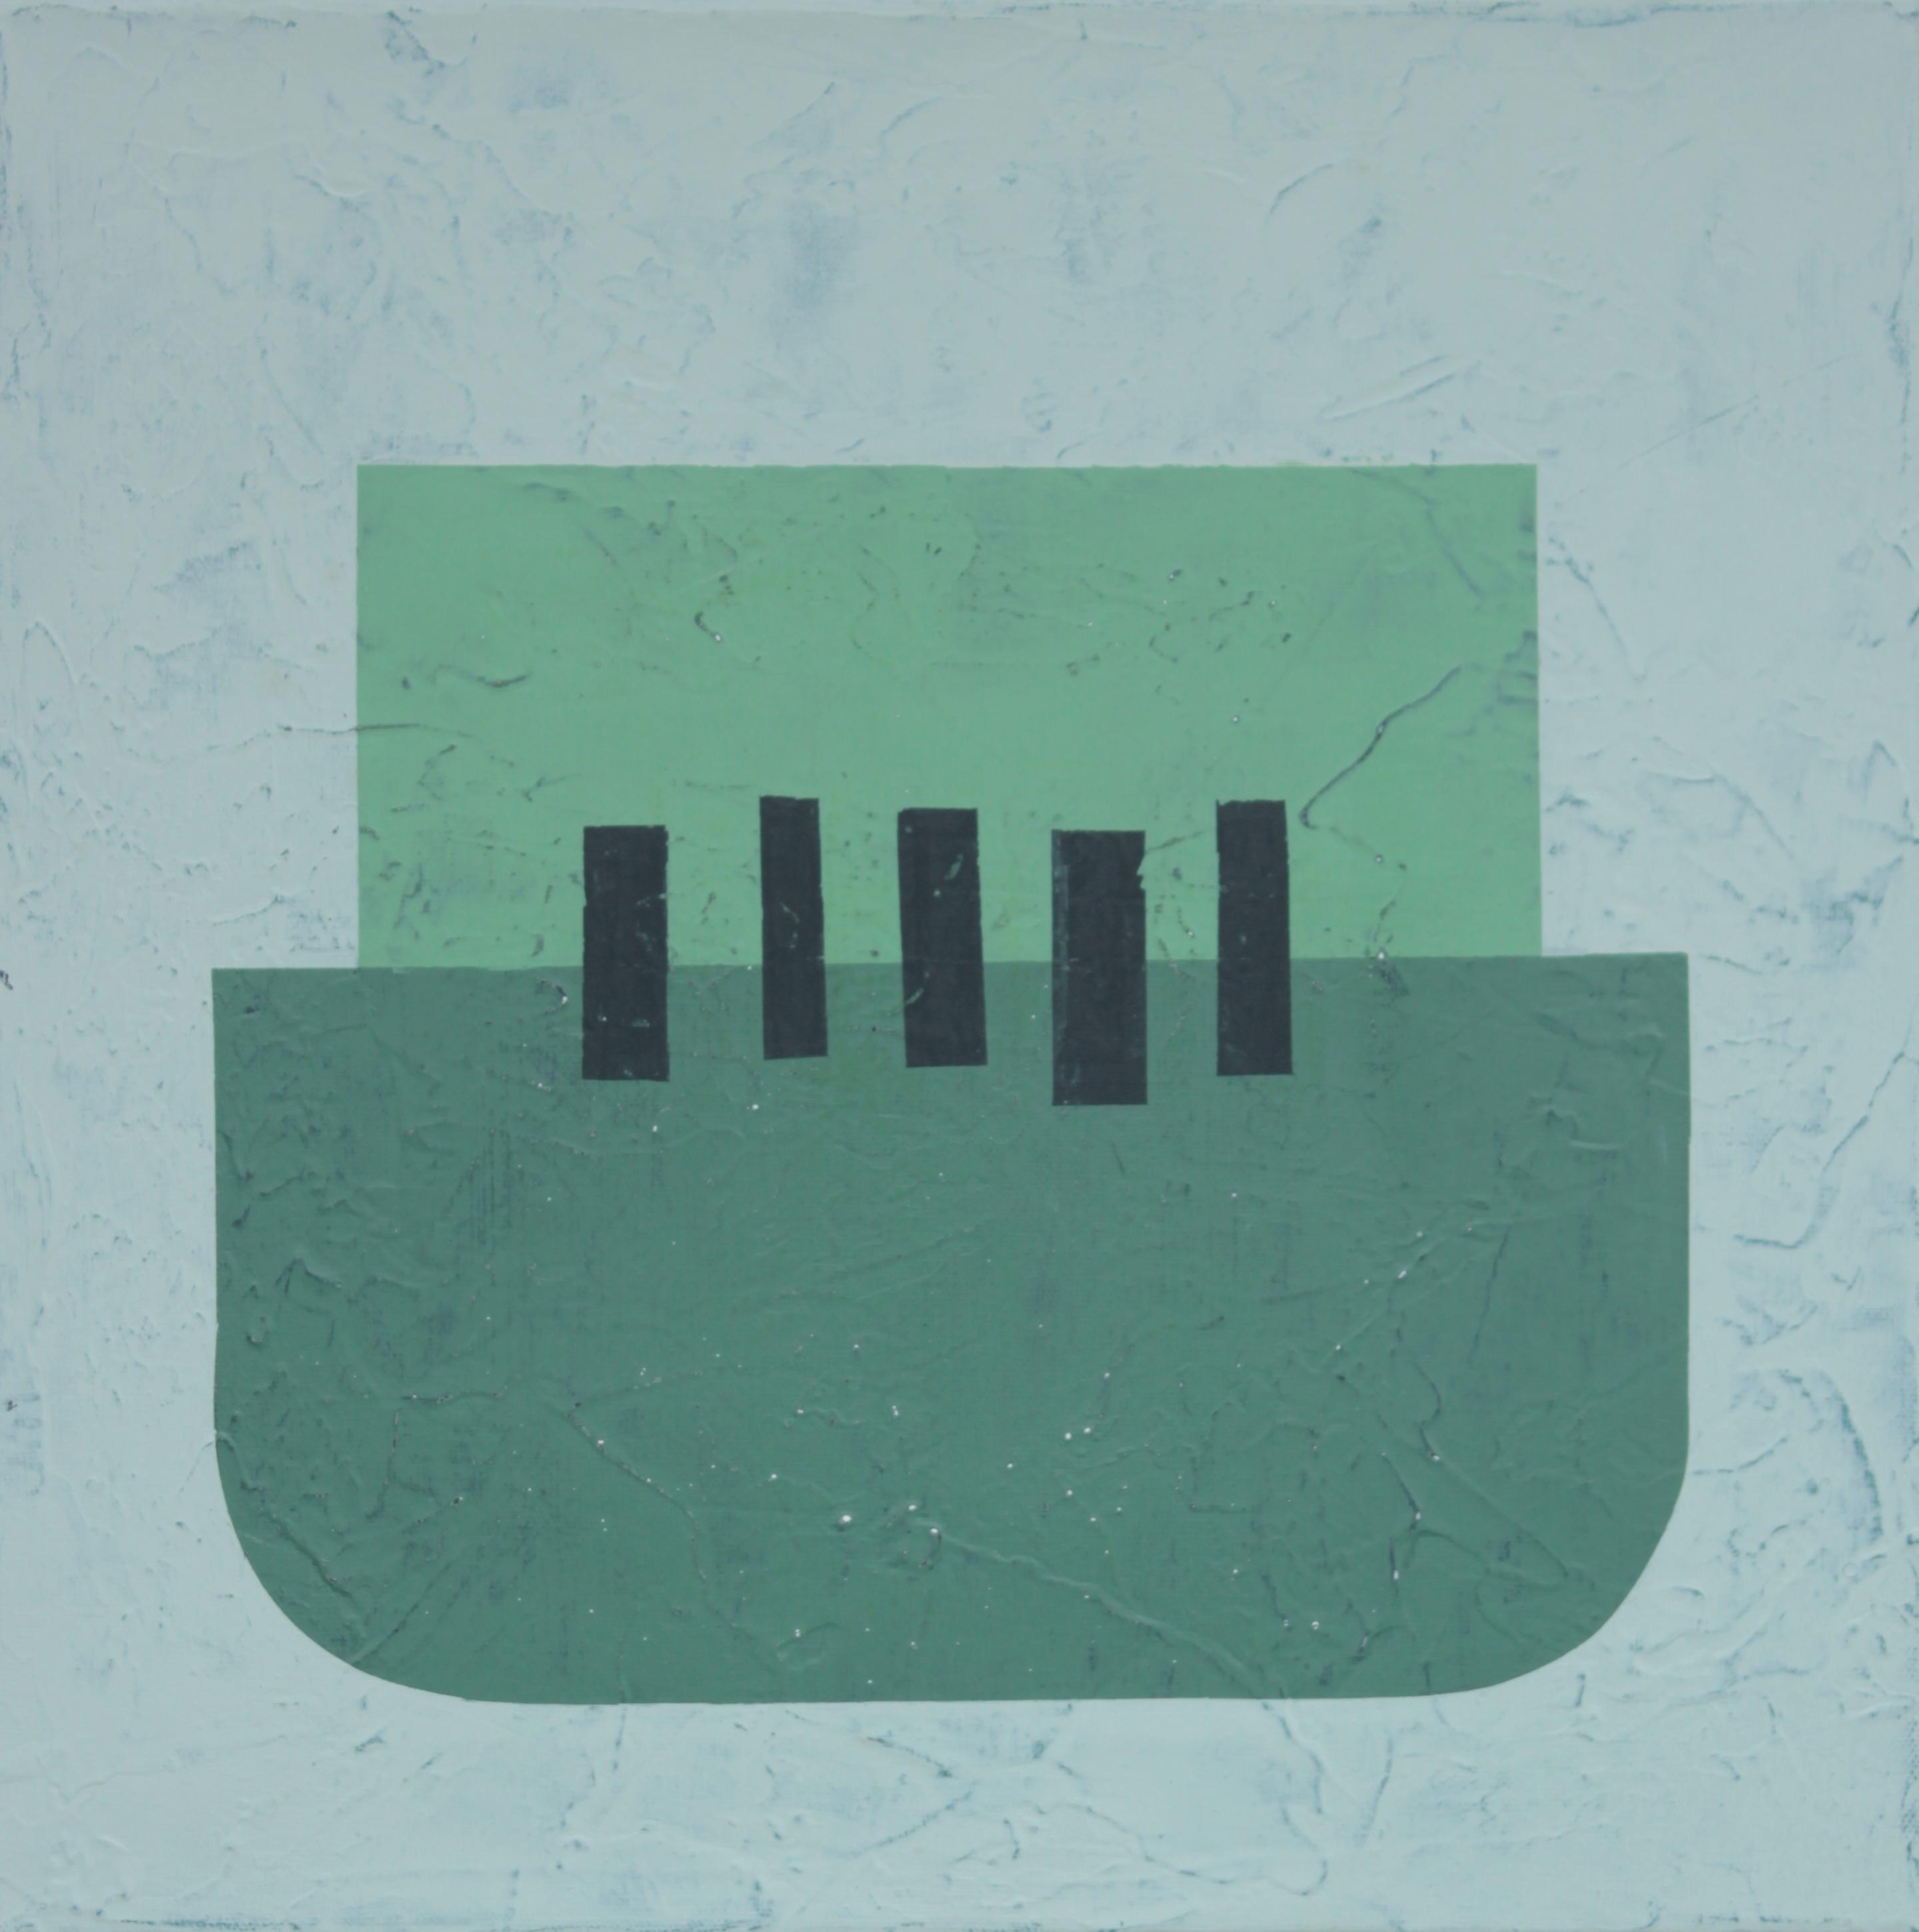 Geometrisk astrakt maleri af Henriette Fabricius Geometric abstraction by Henriette Fabricius